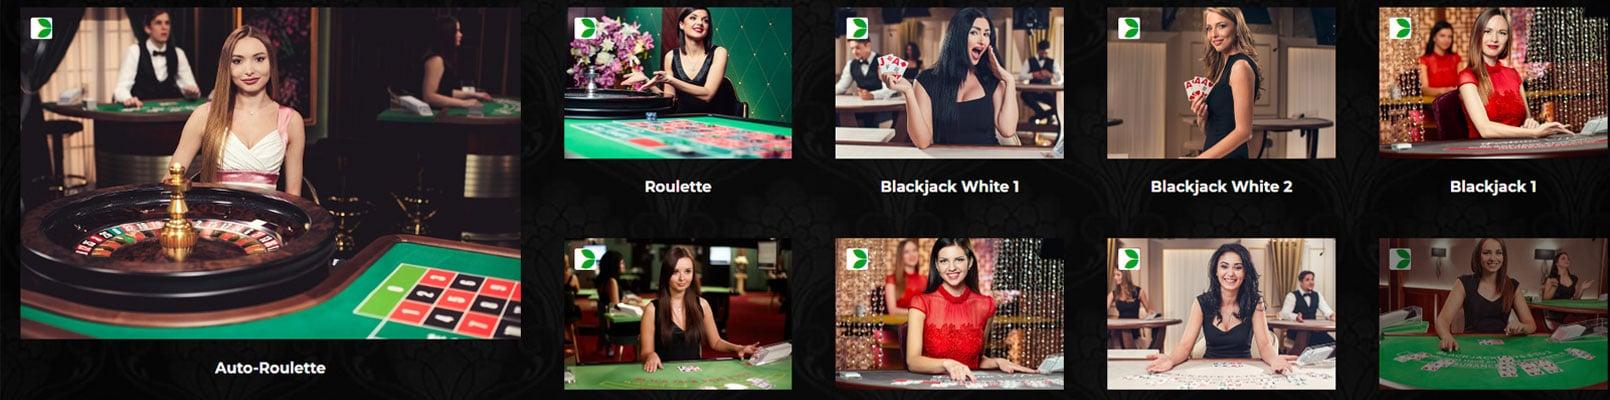 jocuri Maxbet live casino